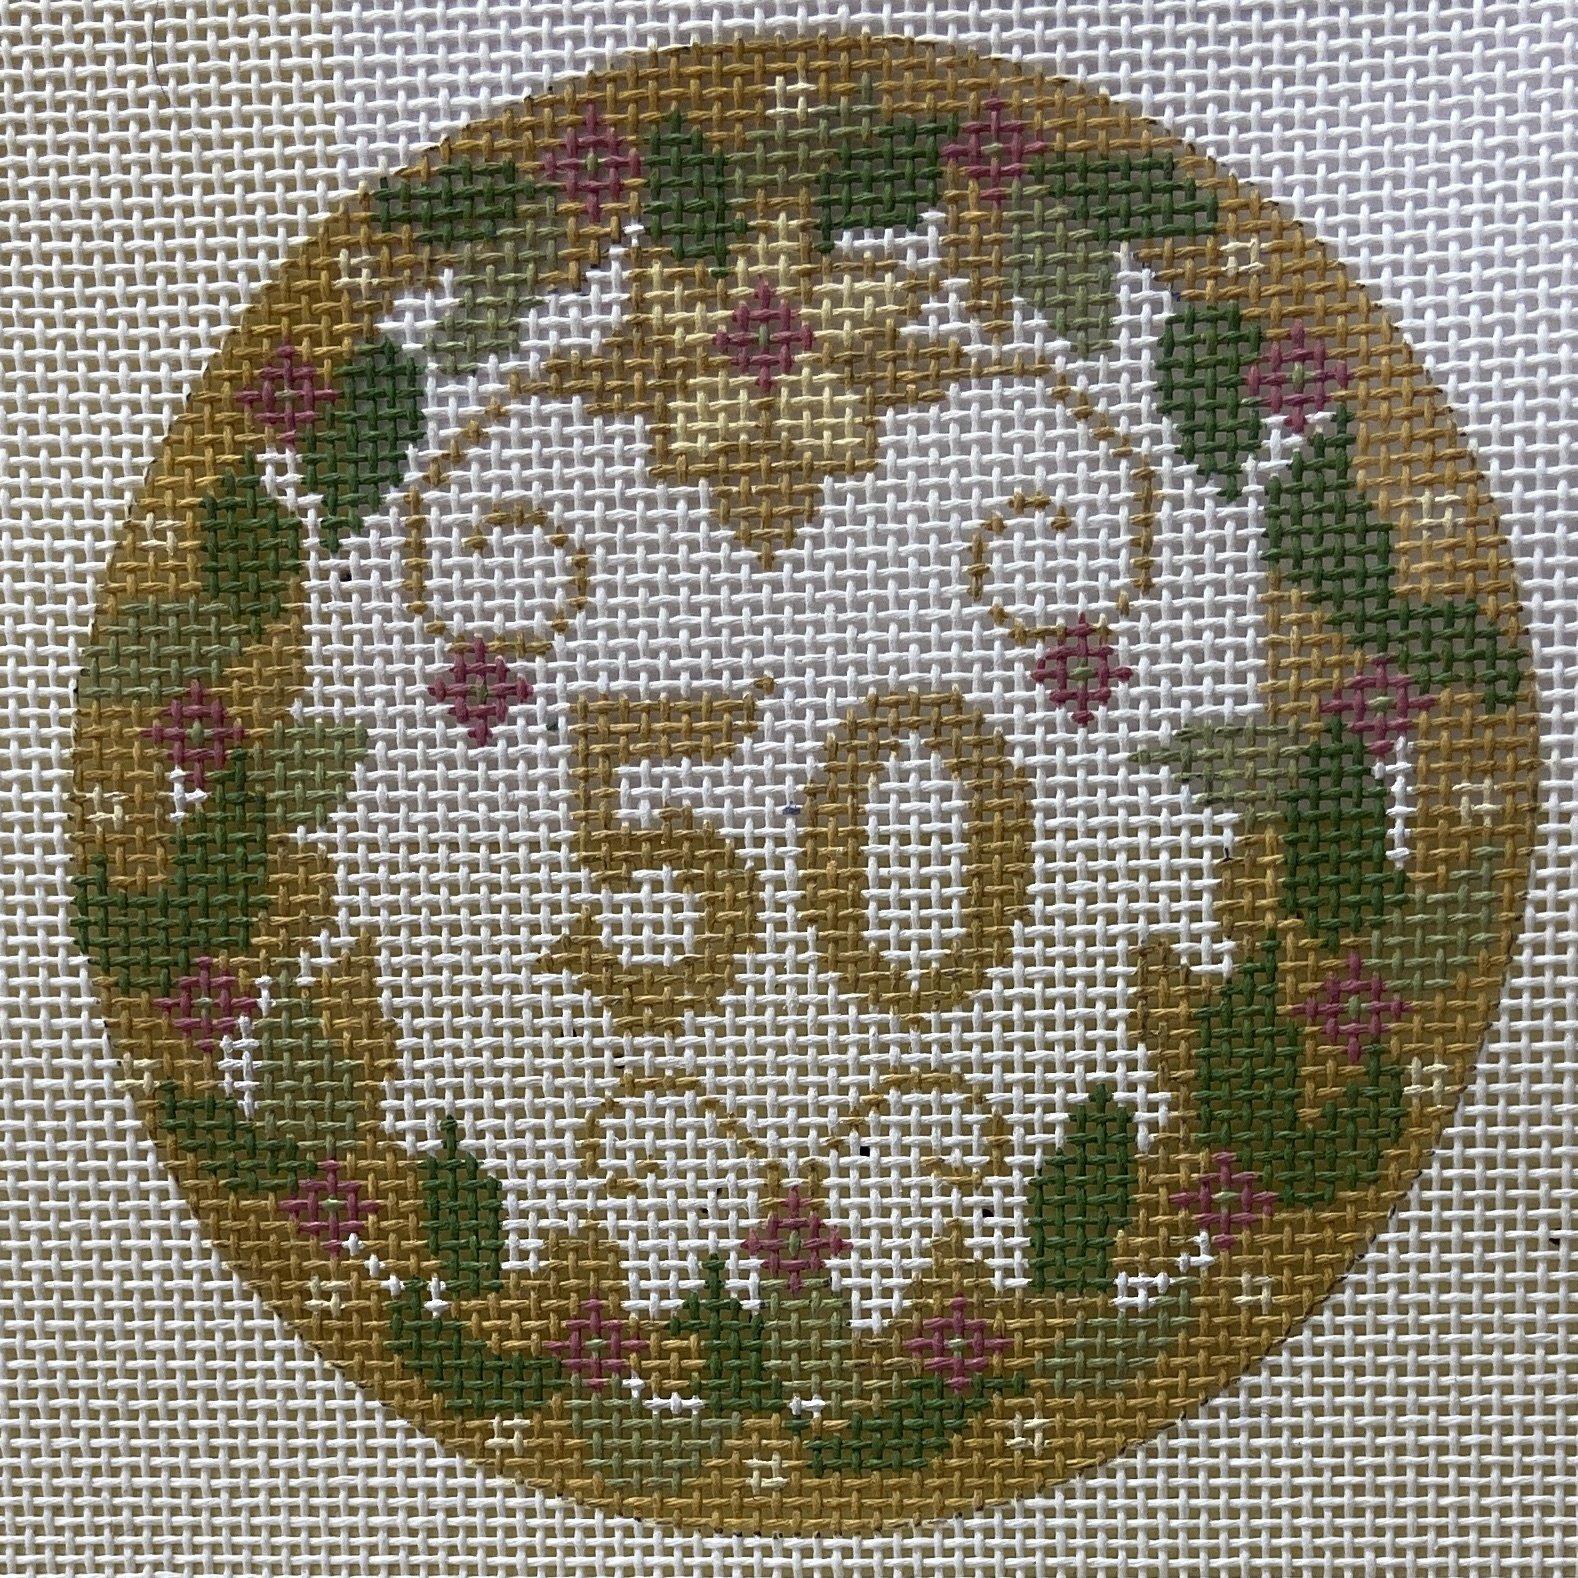 CH639 50th Anniversary Ornament Danji Designs